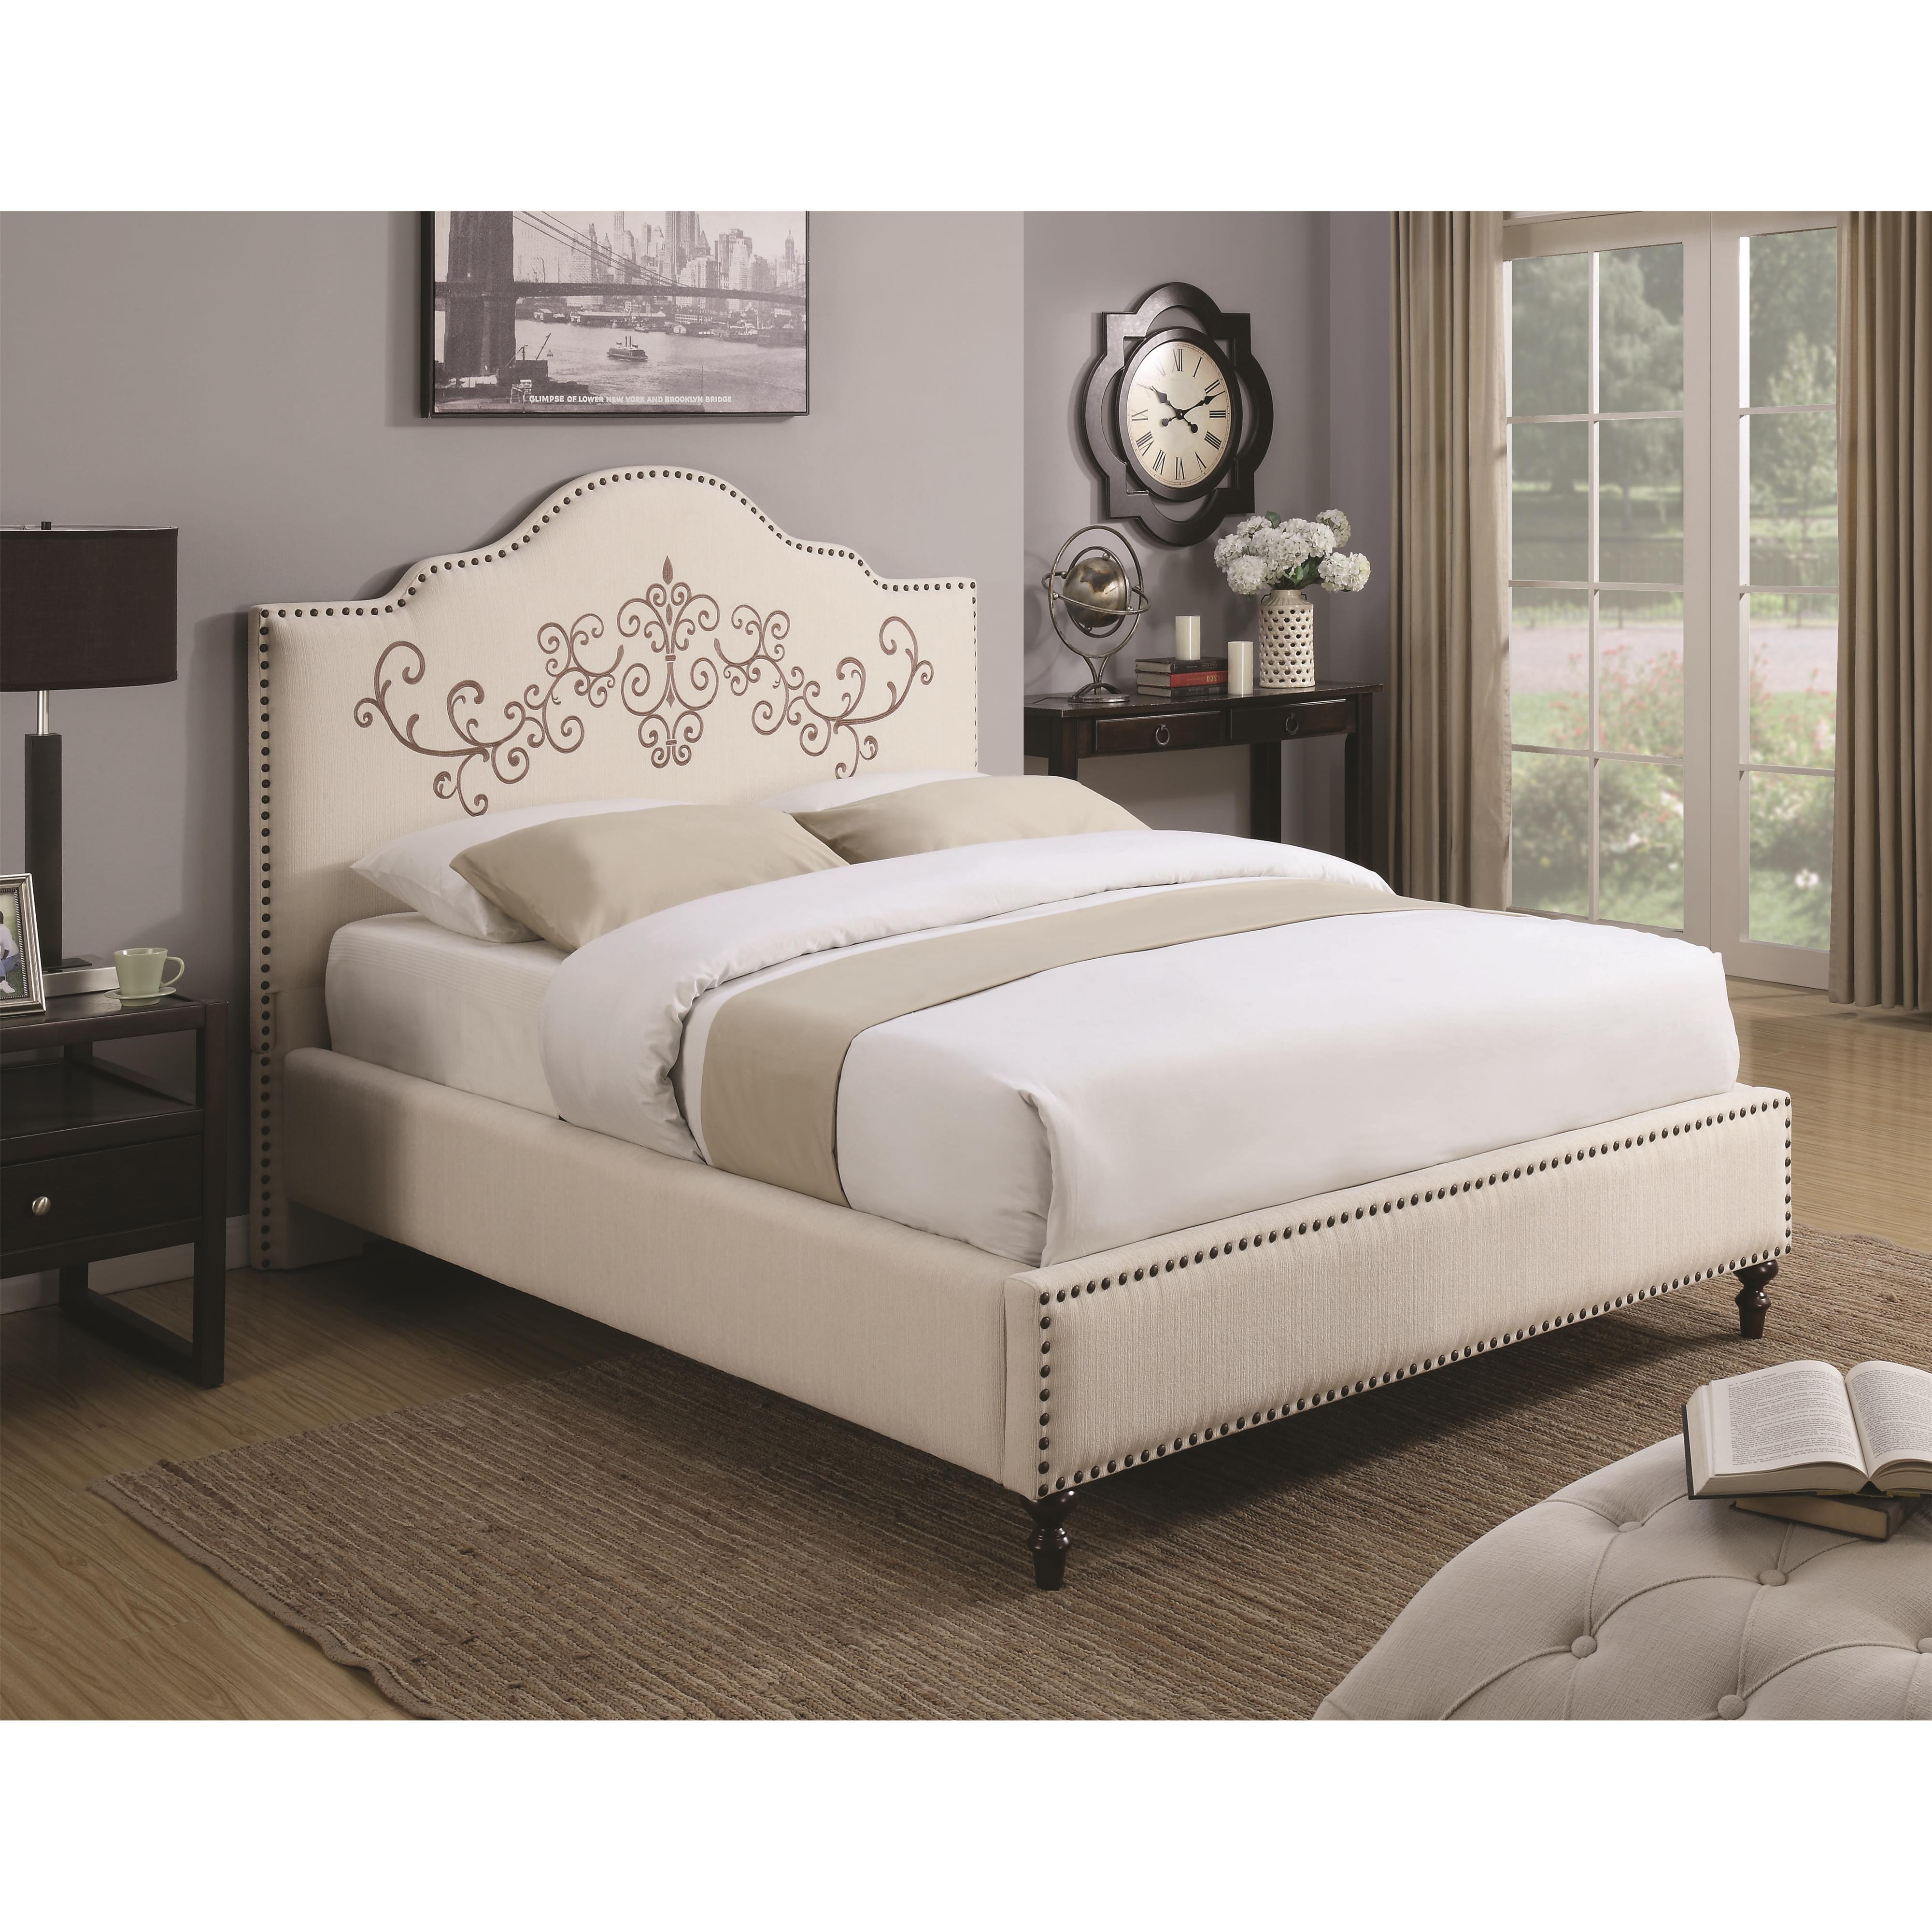 Coaster Homecrest Eastern King Bed - Item Number: 300491KE